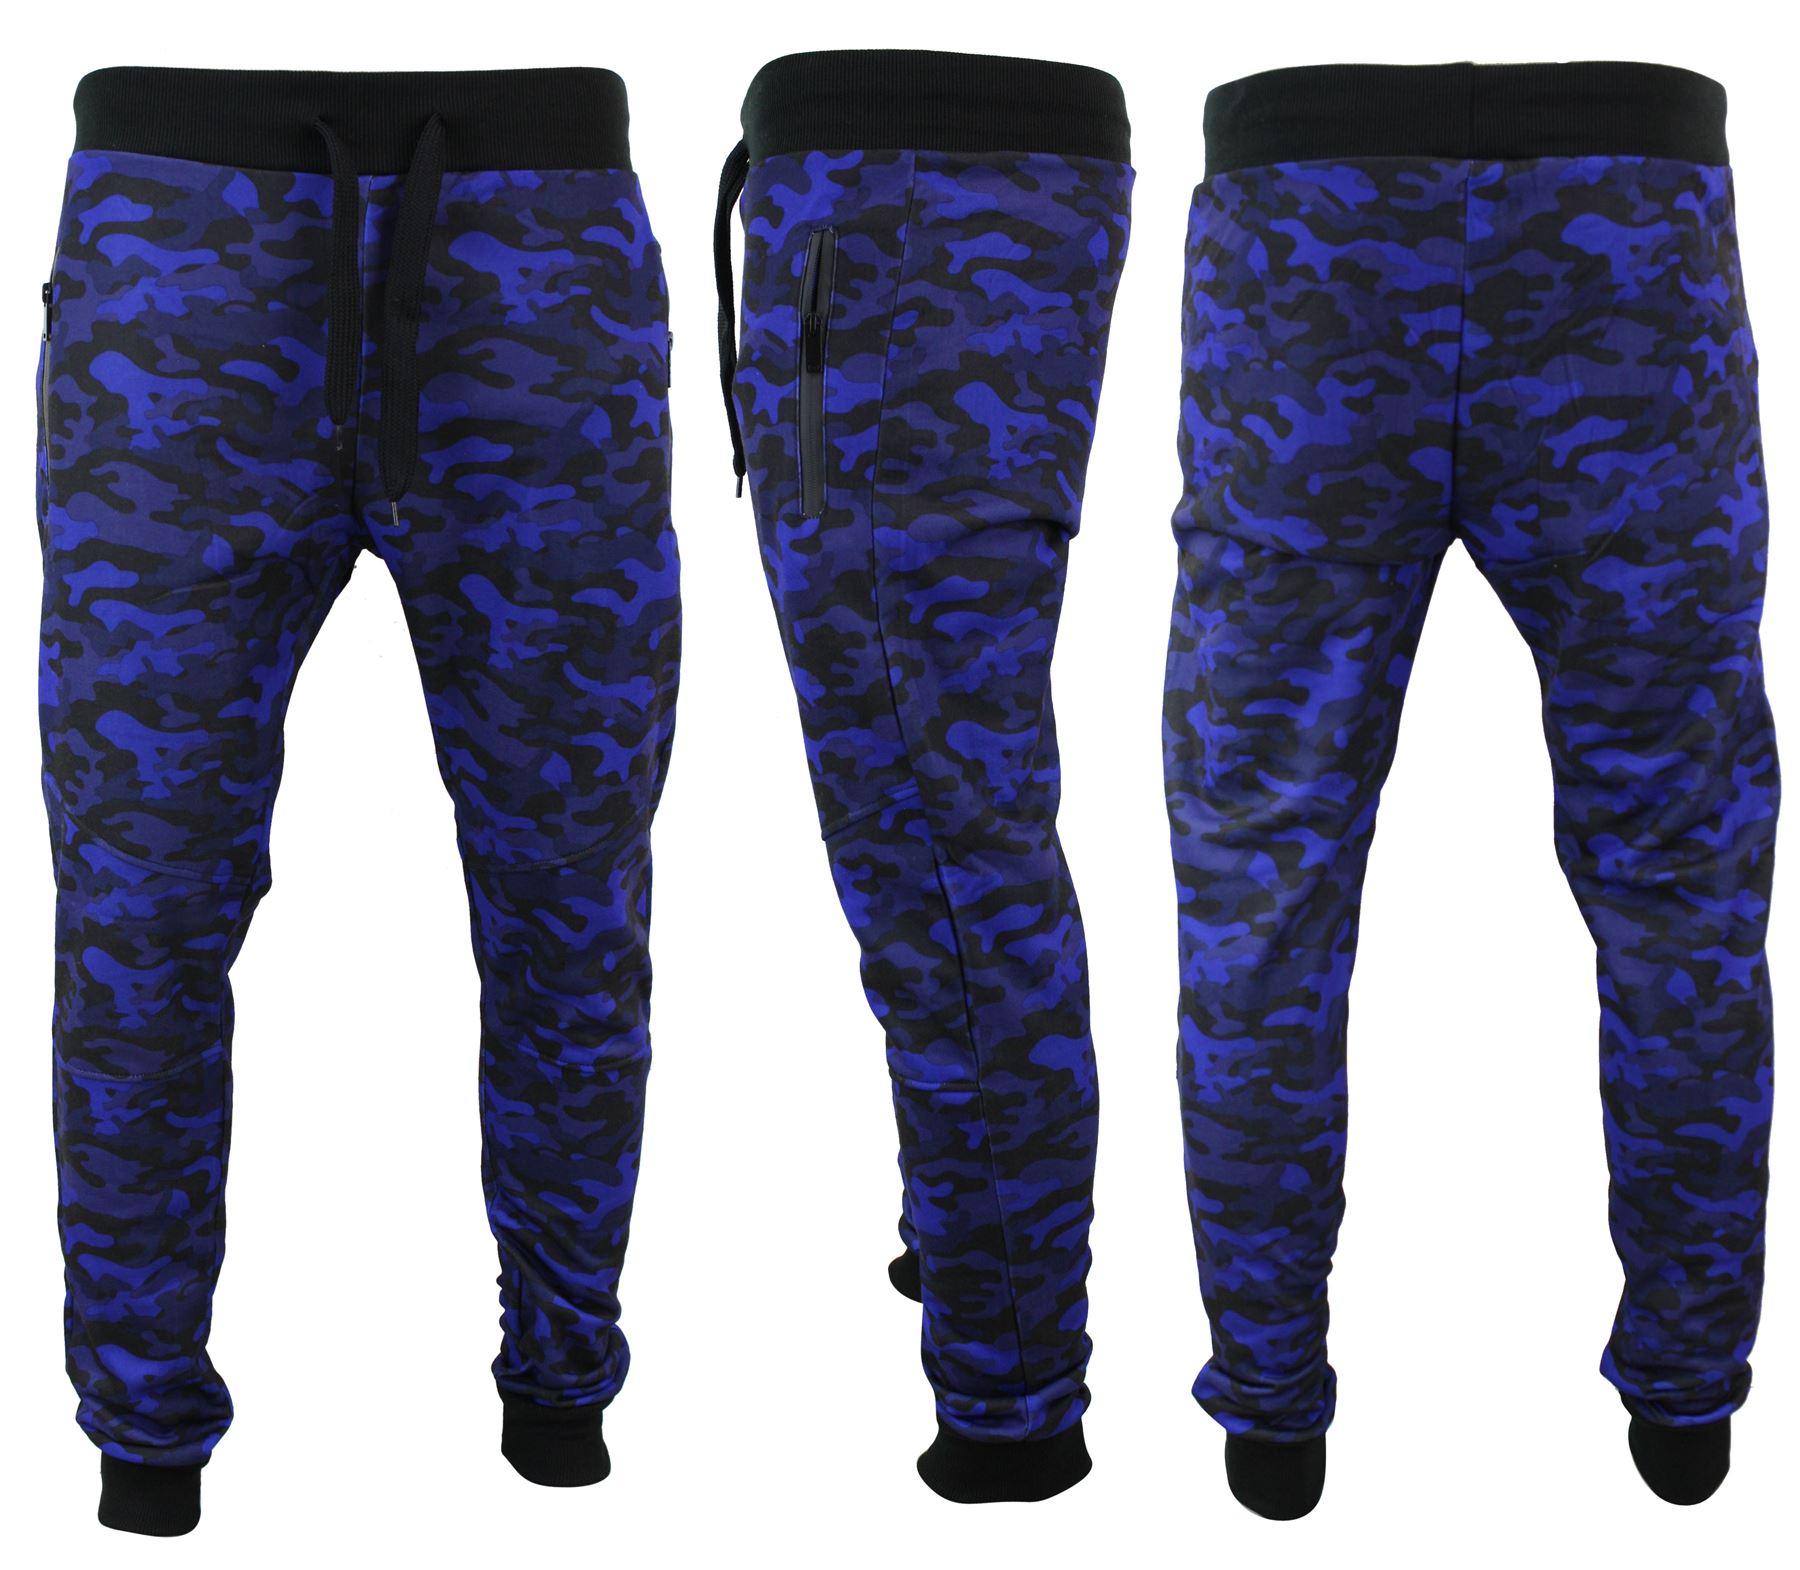 TUTA pattern UOMO BLU ROSSO GRIGIO SLIM FIT mimetizzazione pattern TUTA CAPPUCCIO SCONTO 732a23